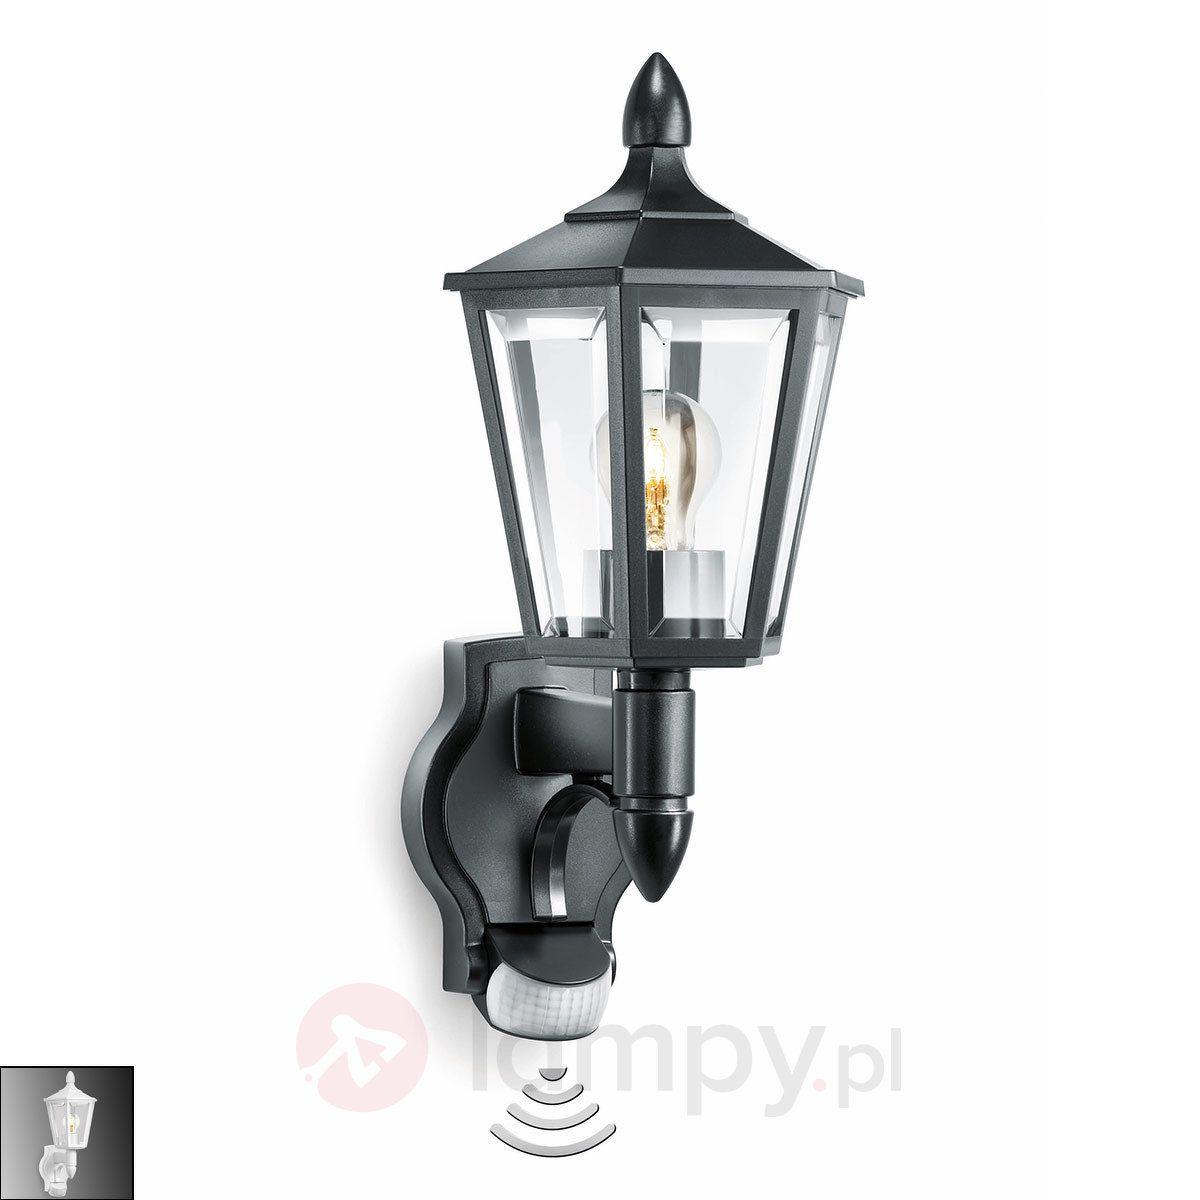 Lampa ścienna Z Czujnikiem Ruchu Steinel L15 Lampy Lampy